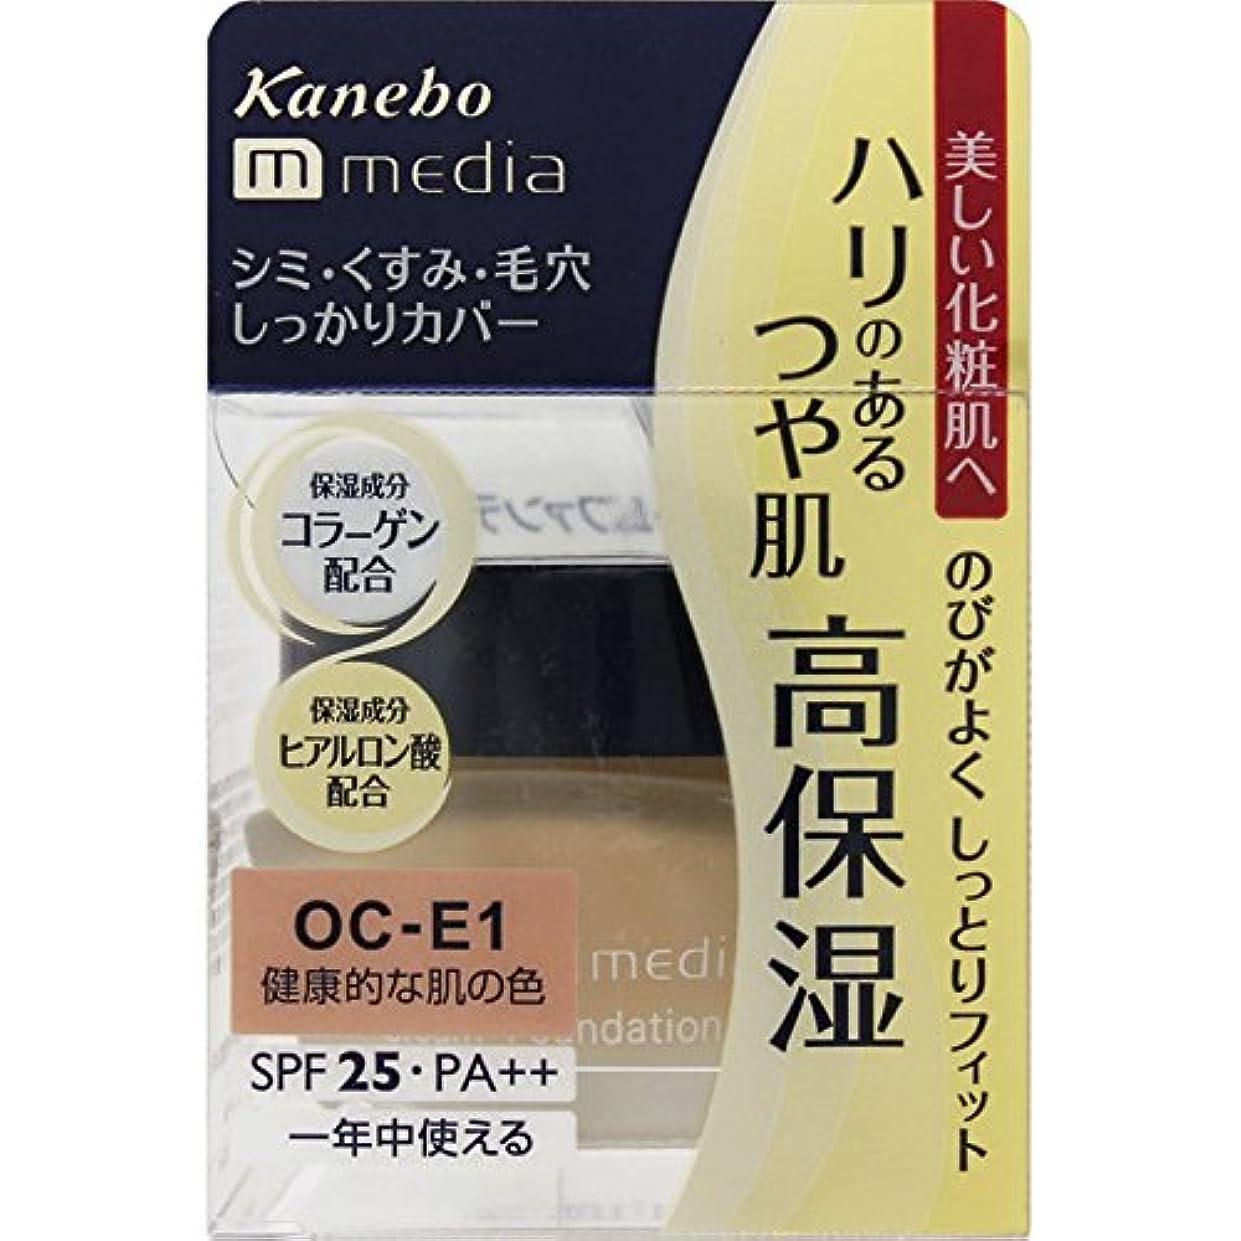 輝度それから印をつけるカネボウ media(メディア) クリームファンデーション OC-E1(健康的な肌の色)